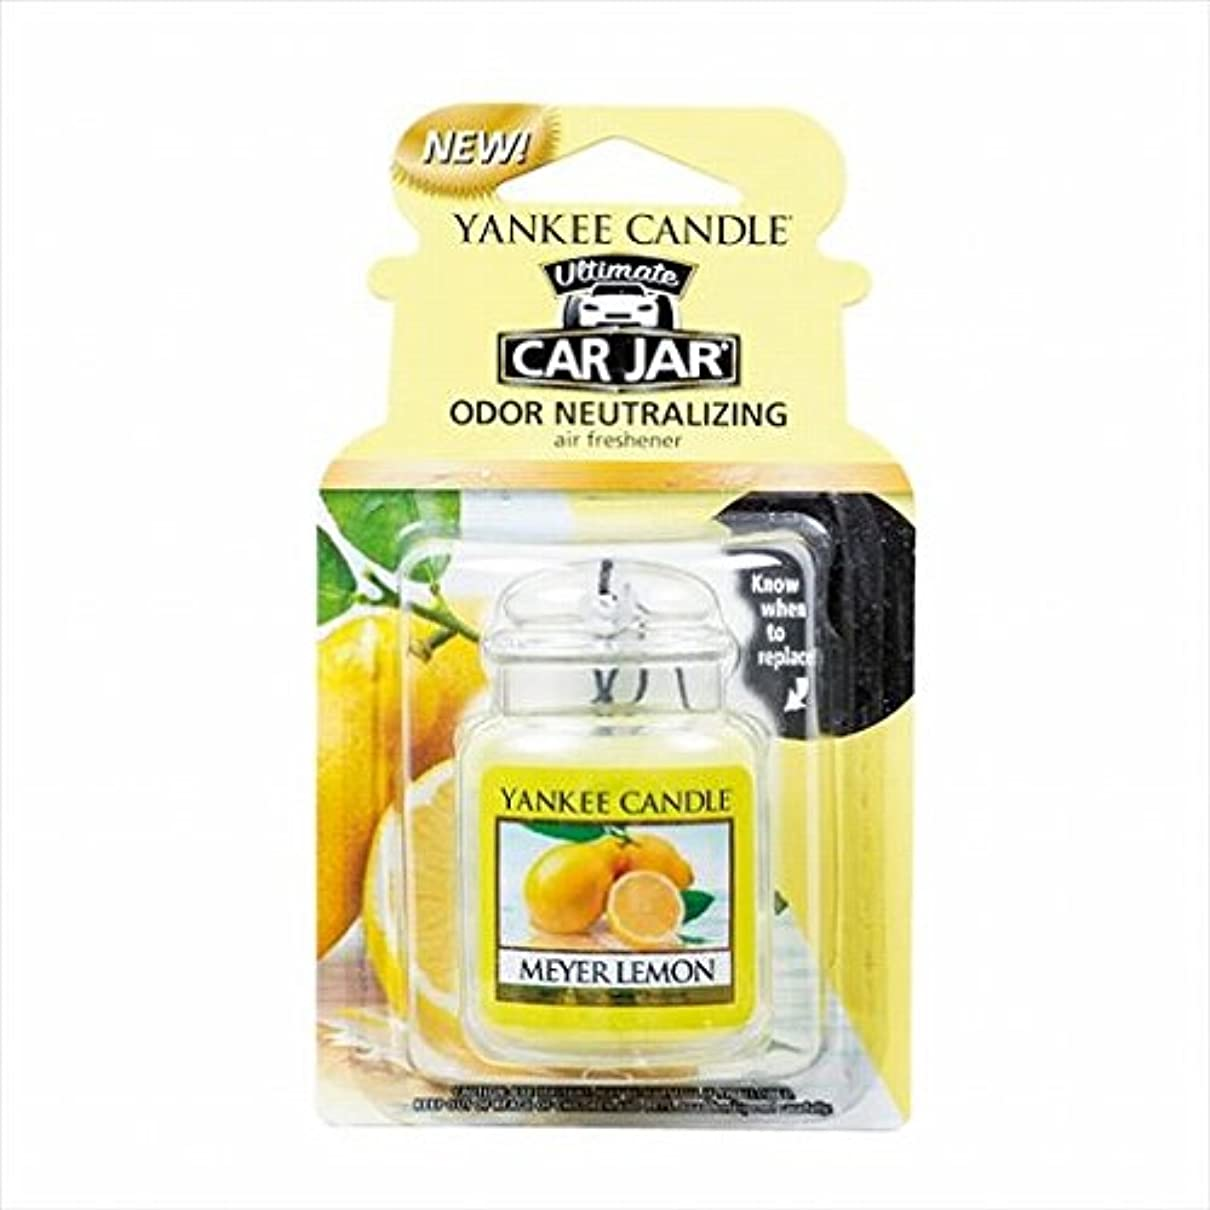 征服する意欲栄光のカメヤマキャンドル(kameyama candle) YANKEE CANDLE ネオカージャー 「 メイヤーレモン 」